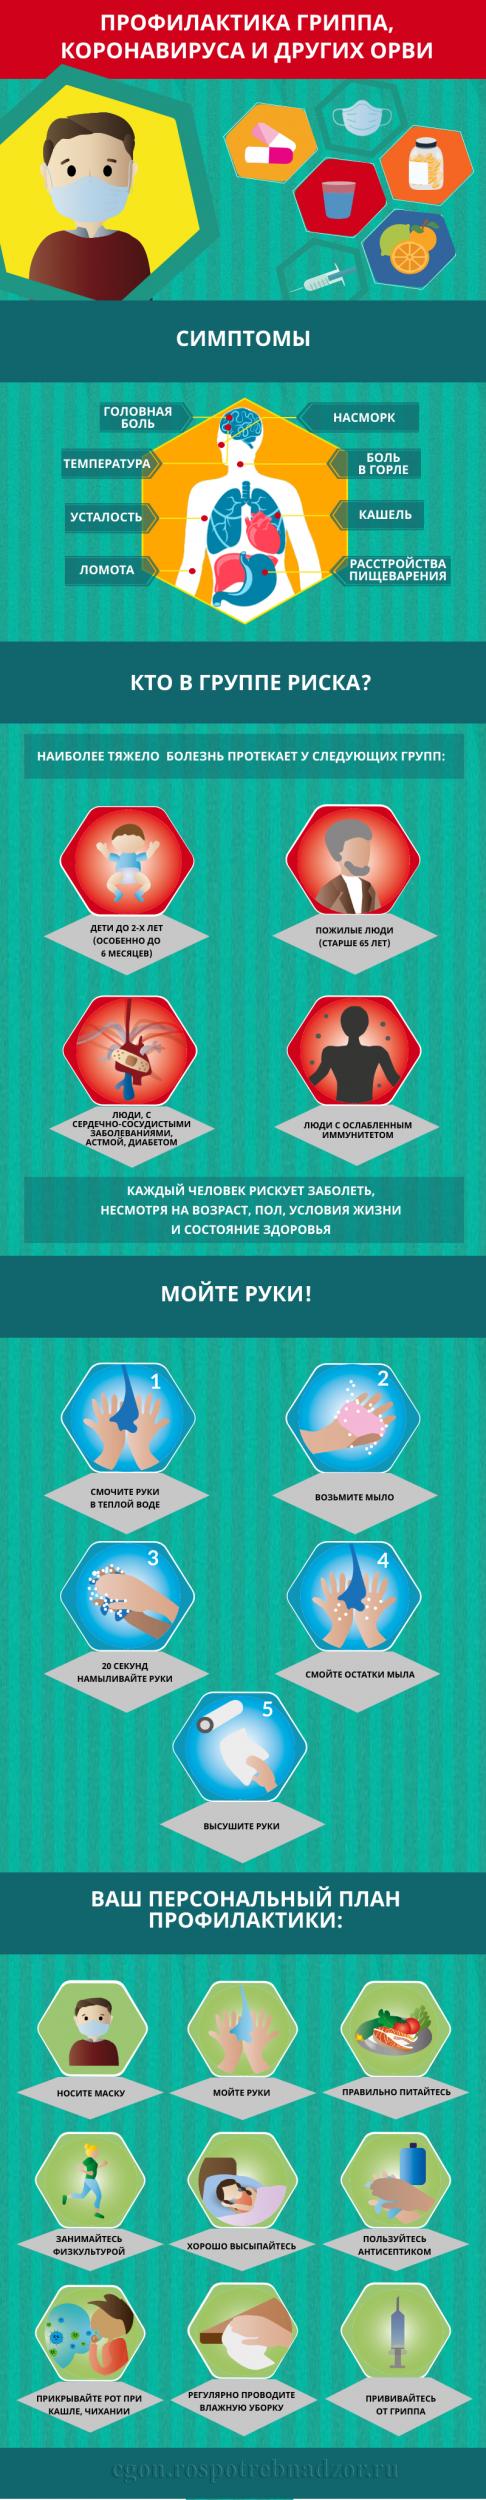 lichnyy-plan-1